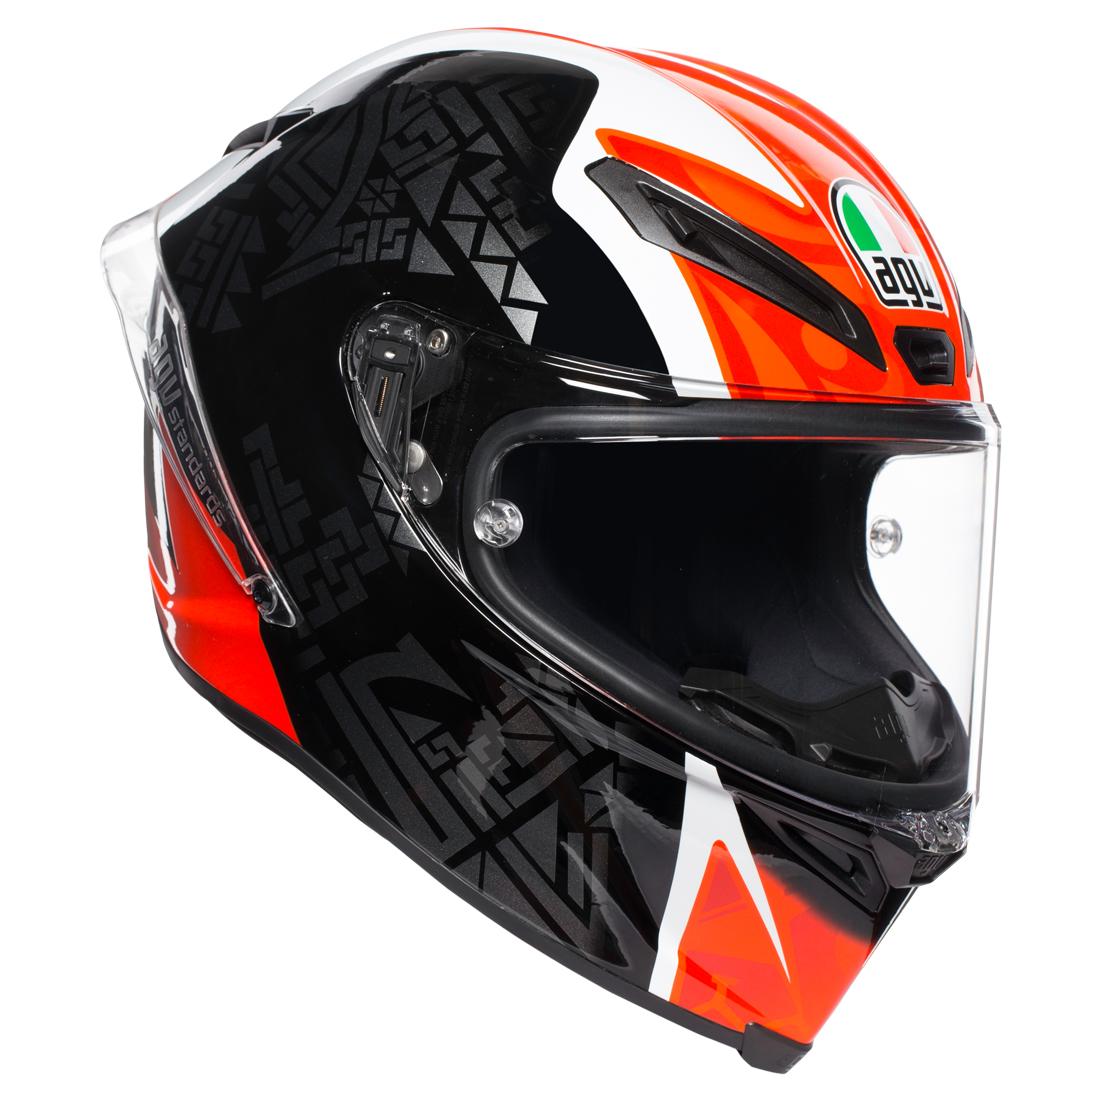 AGV フルフェイスヘルメット CORSA R 004-CASANOVA Lサイズ